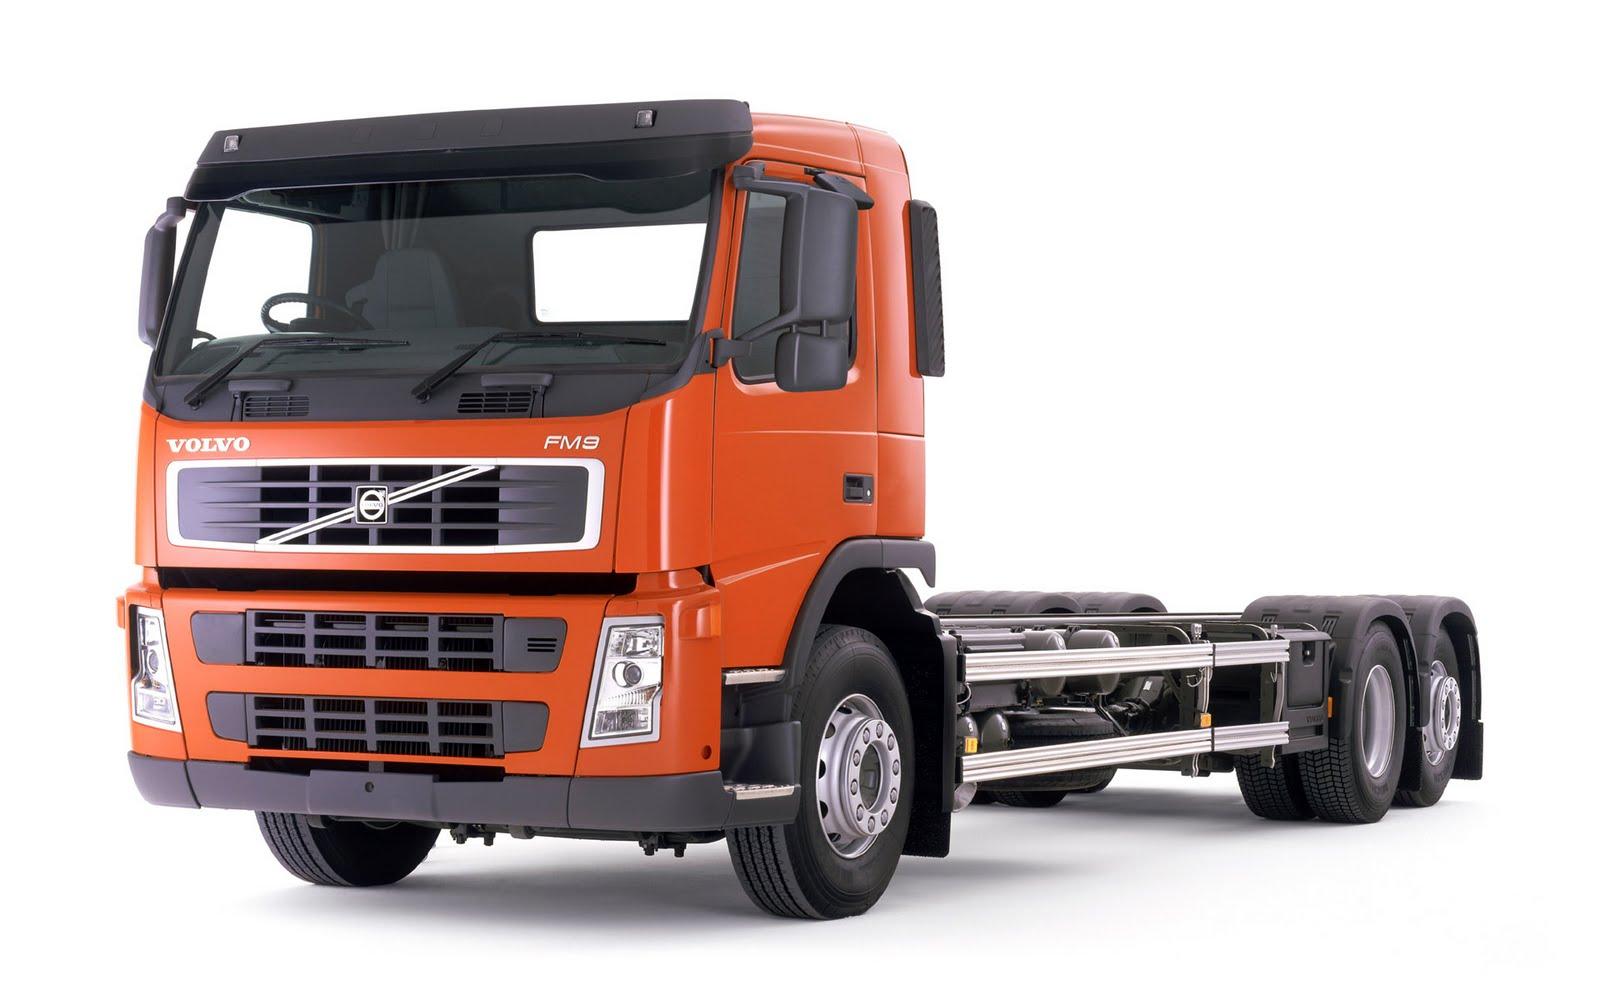 Volvo Truck Wallpapers Blazing Desktop Wallpapers 1600x1000